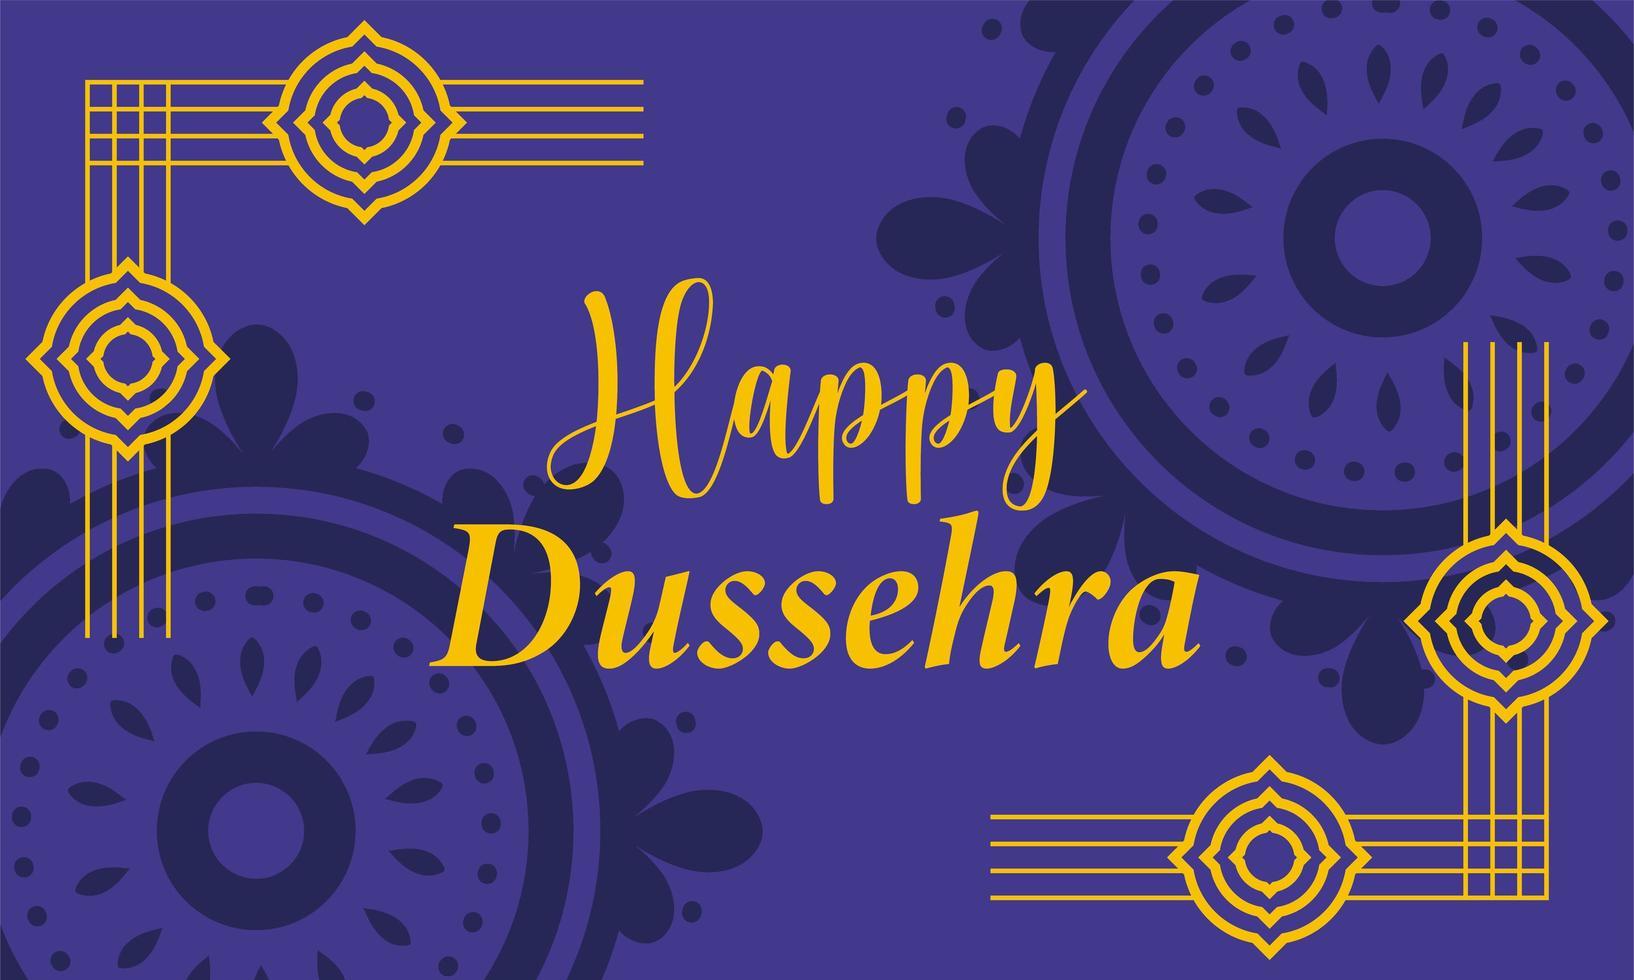 joyeux festival dussehra de la typographie de l'inde et des formes d'or vecteur